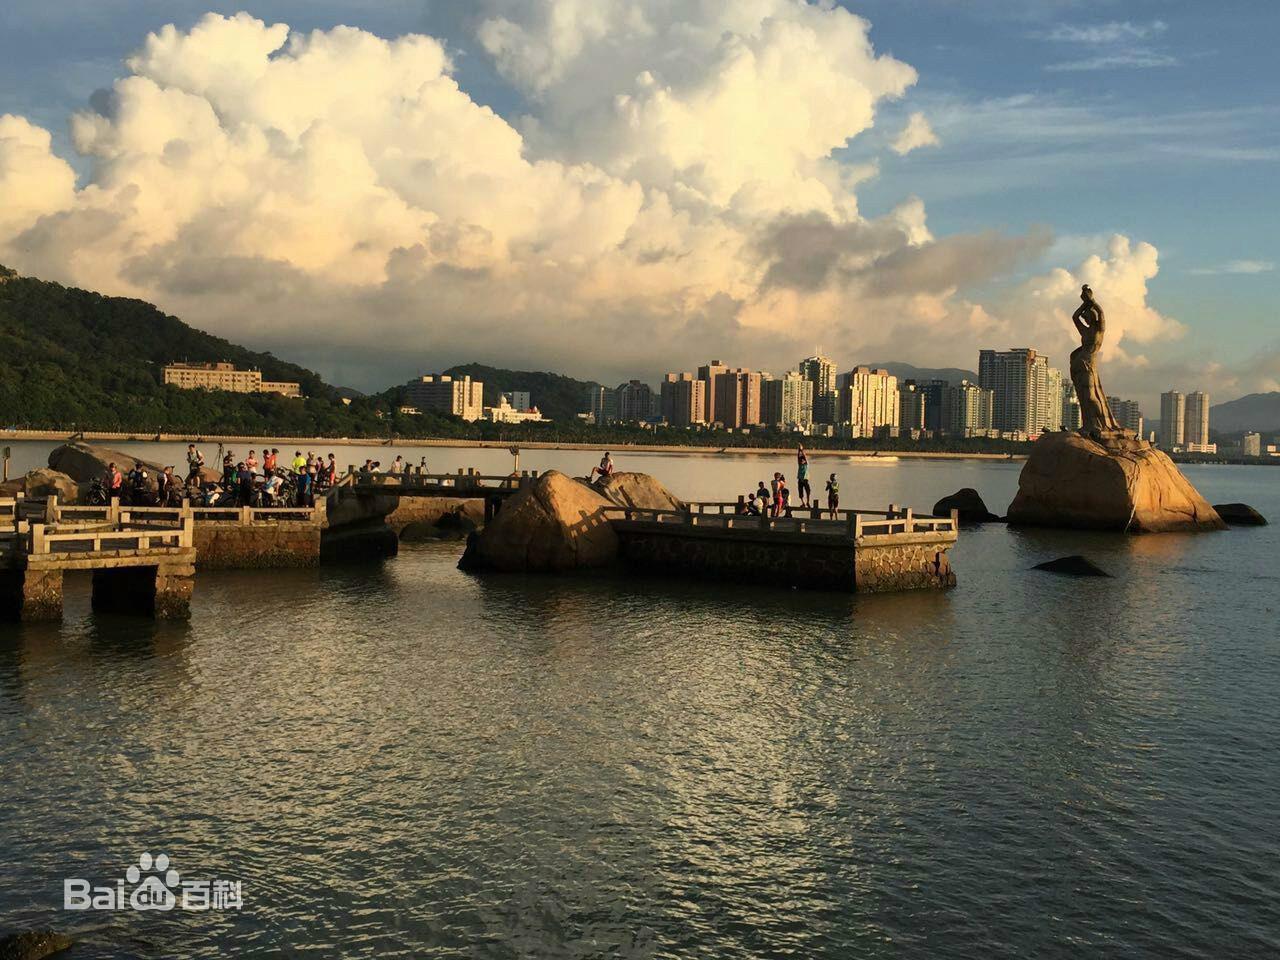 傍晚的珠海渔女雕像,旁边还有一群游客